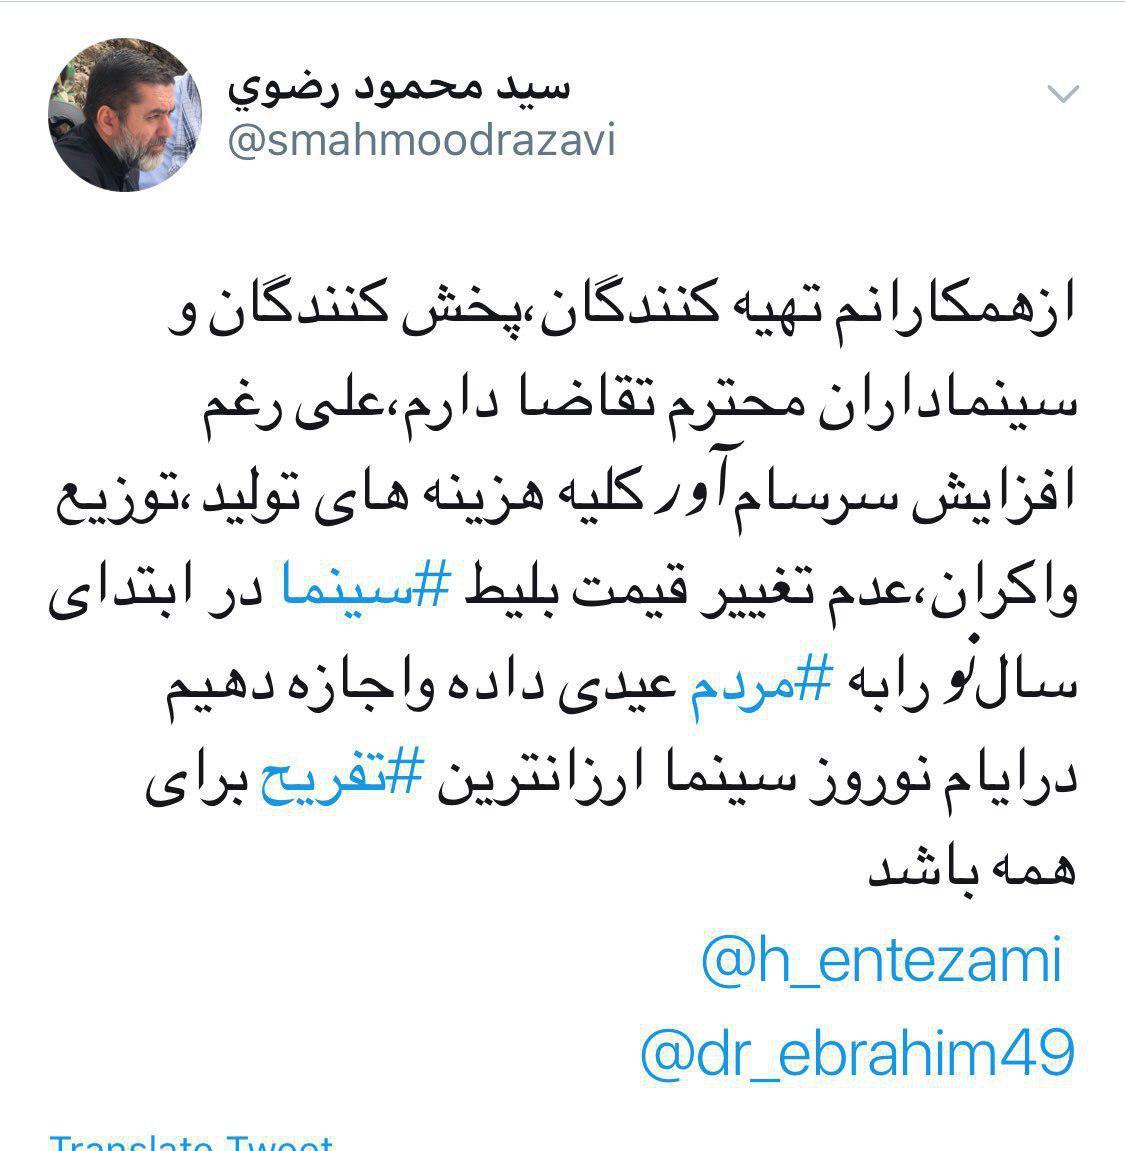 سید محمود رضوی توئیت